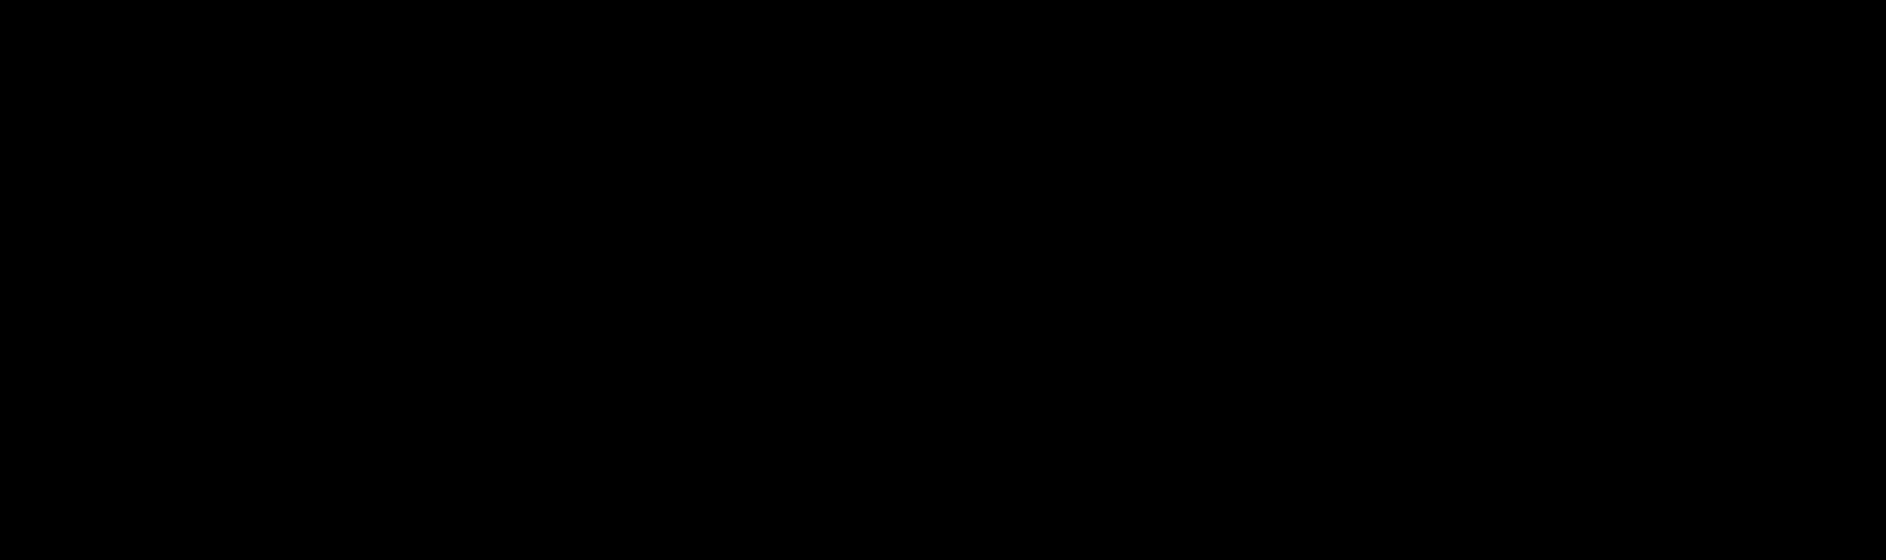 3-β-D-Glucopyranosyl isoferulic acid methyl ester-d<sub>3</sub>